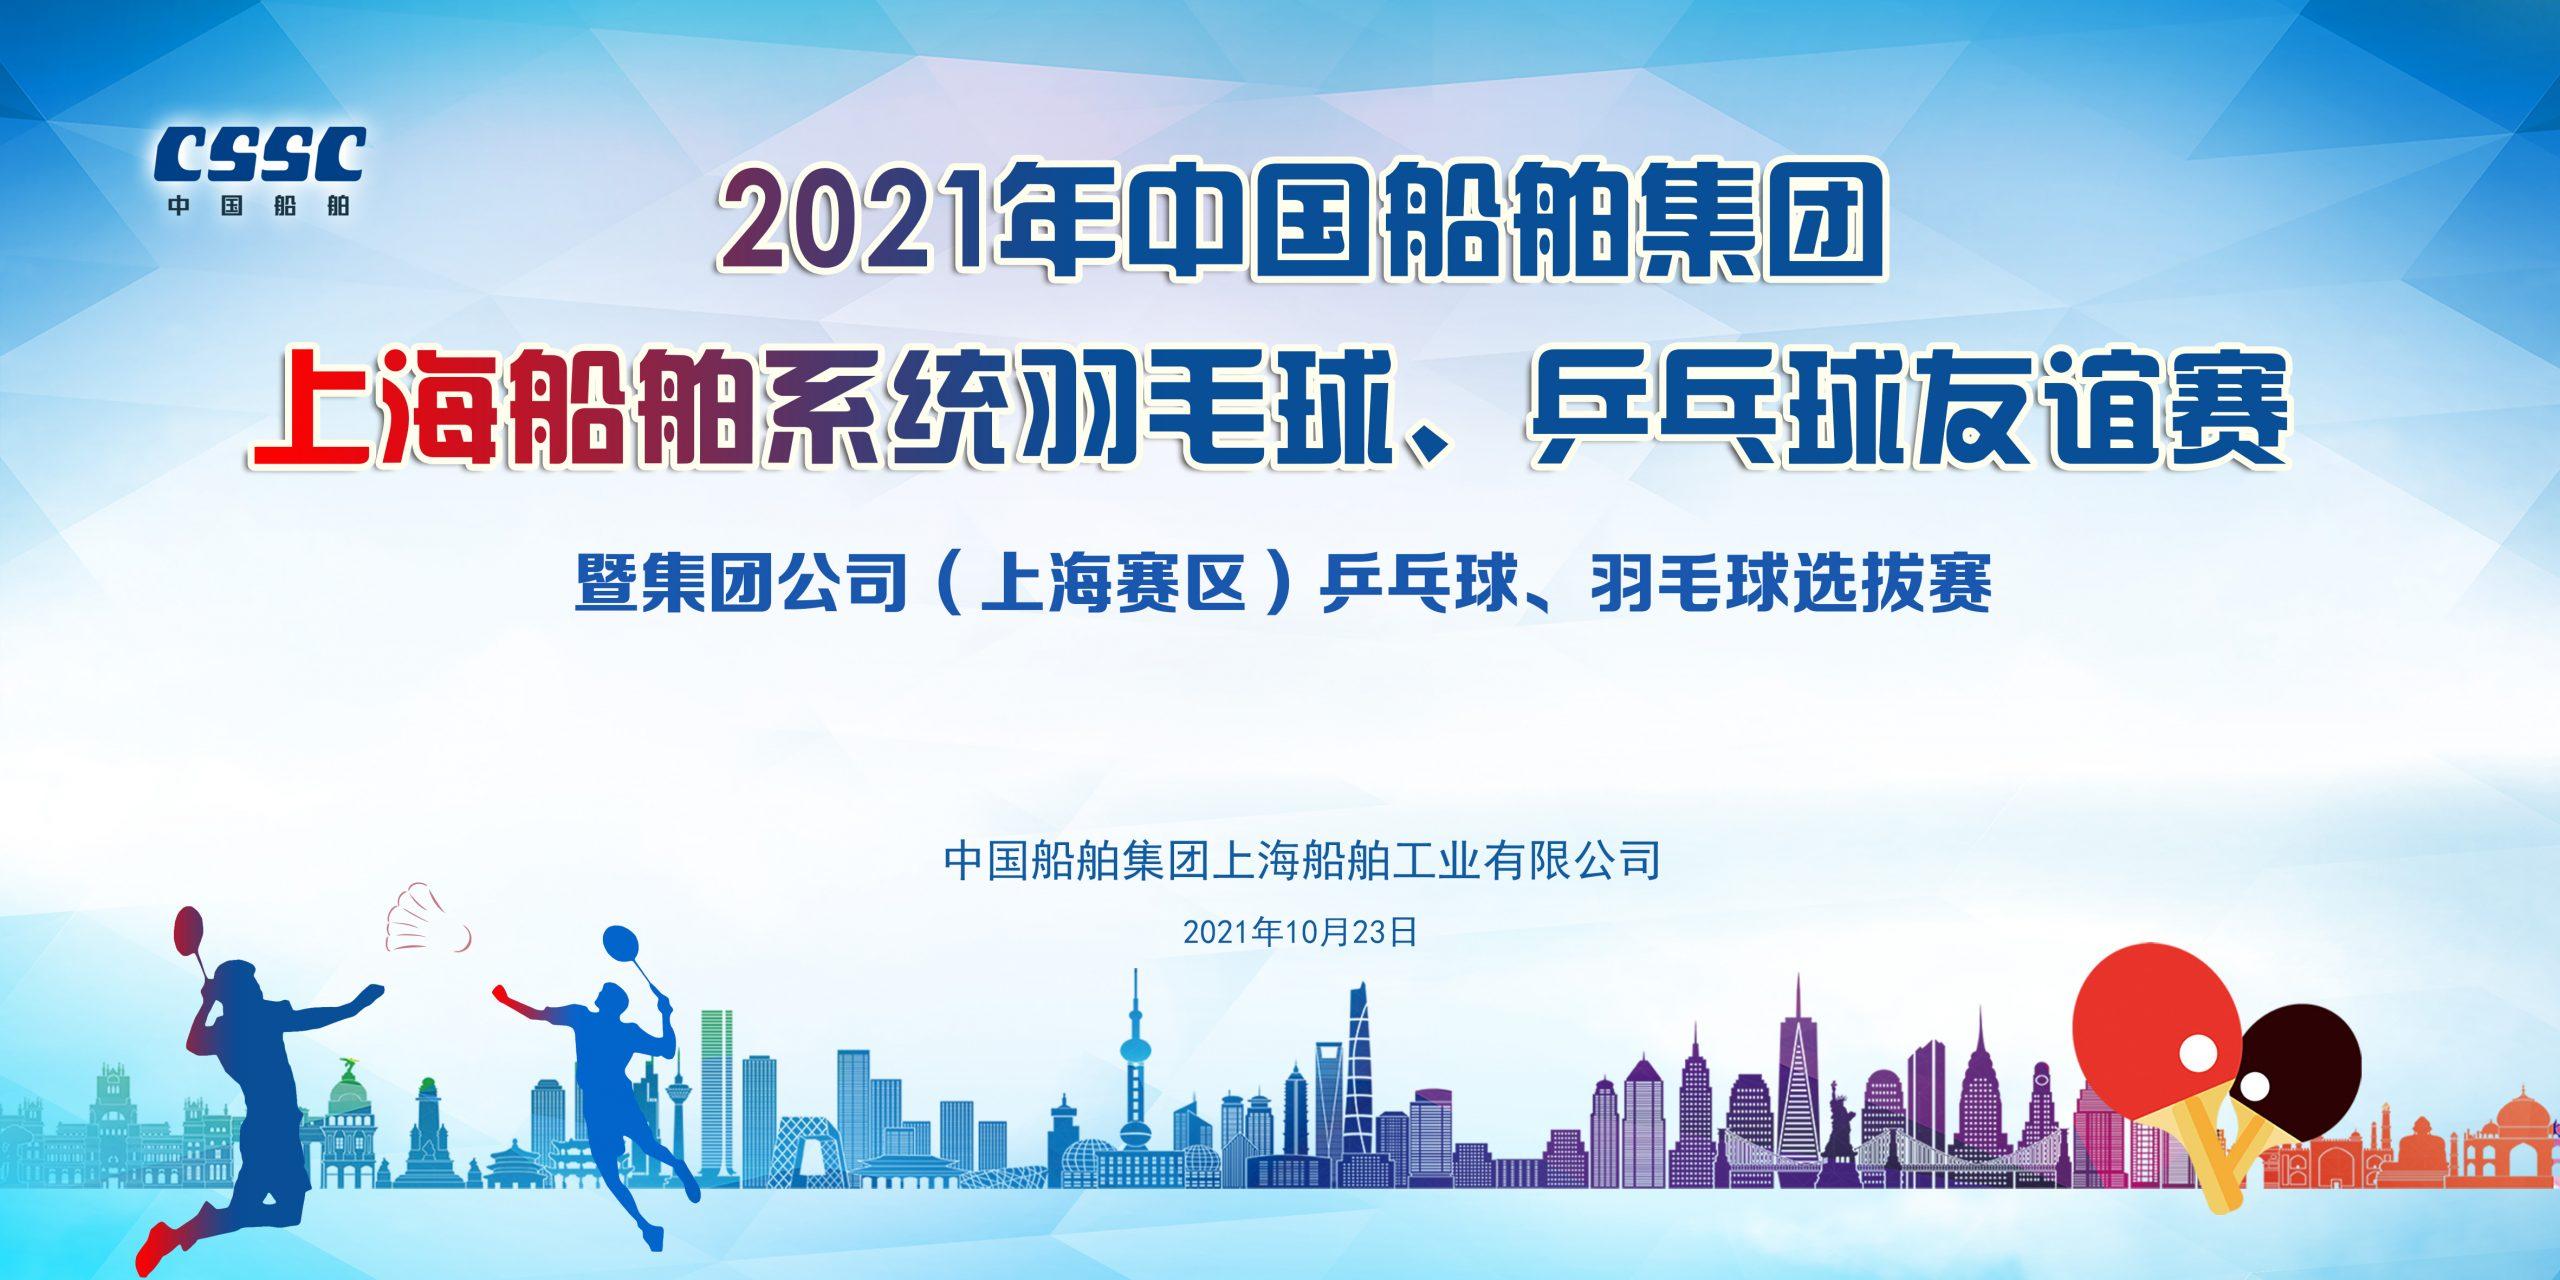 2021年中国船舶集团上海船舶系统羽毛球、乒乓球友谊赛暨集团公司(上海赛区)乒乓球、羽毛球选拔赛